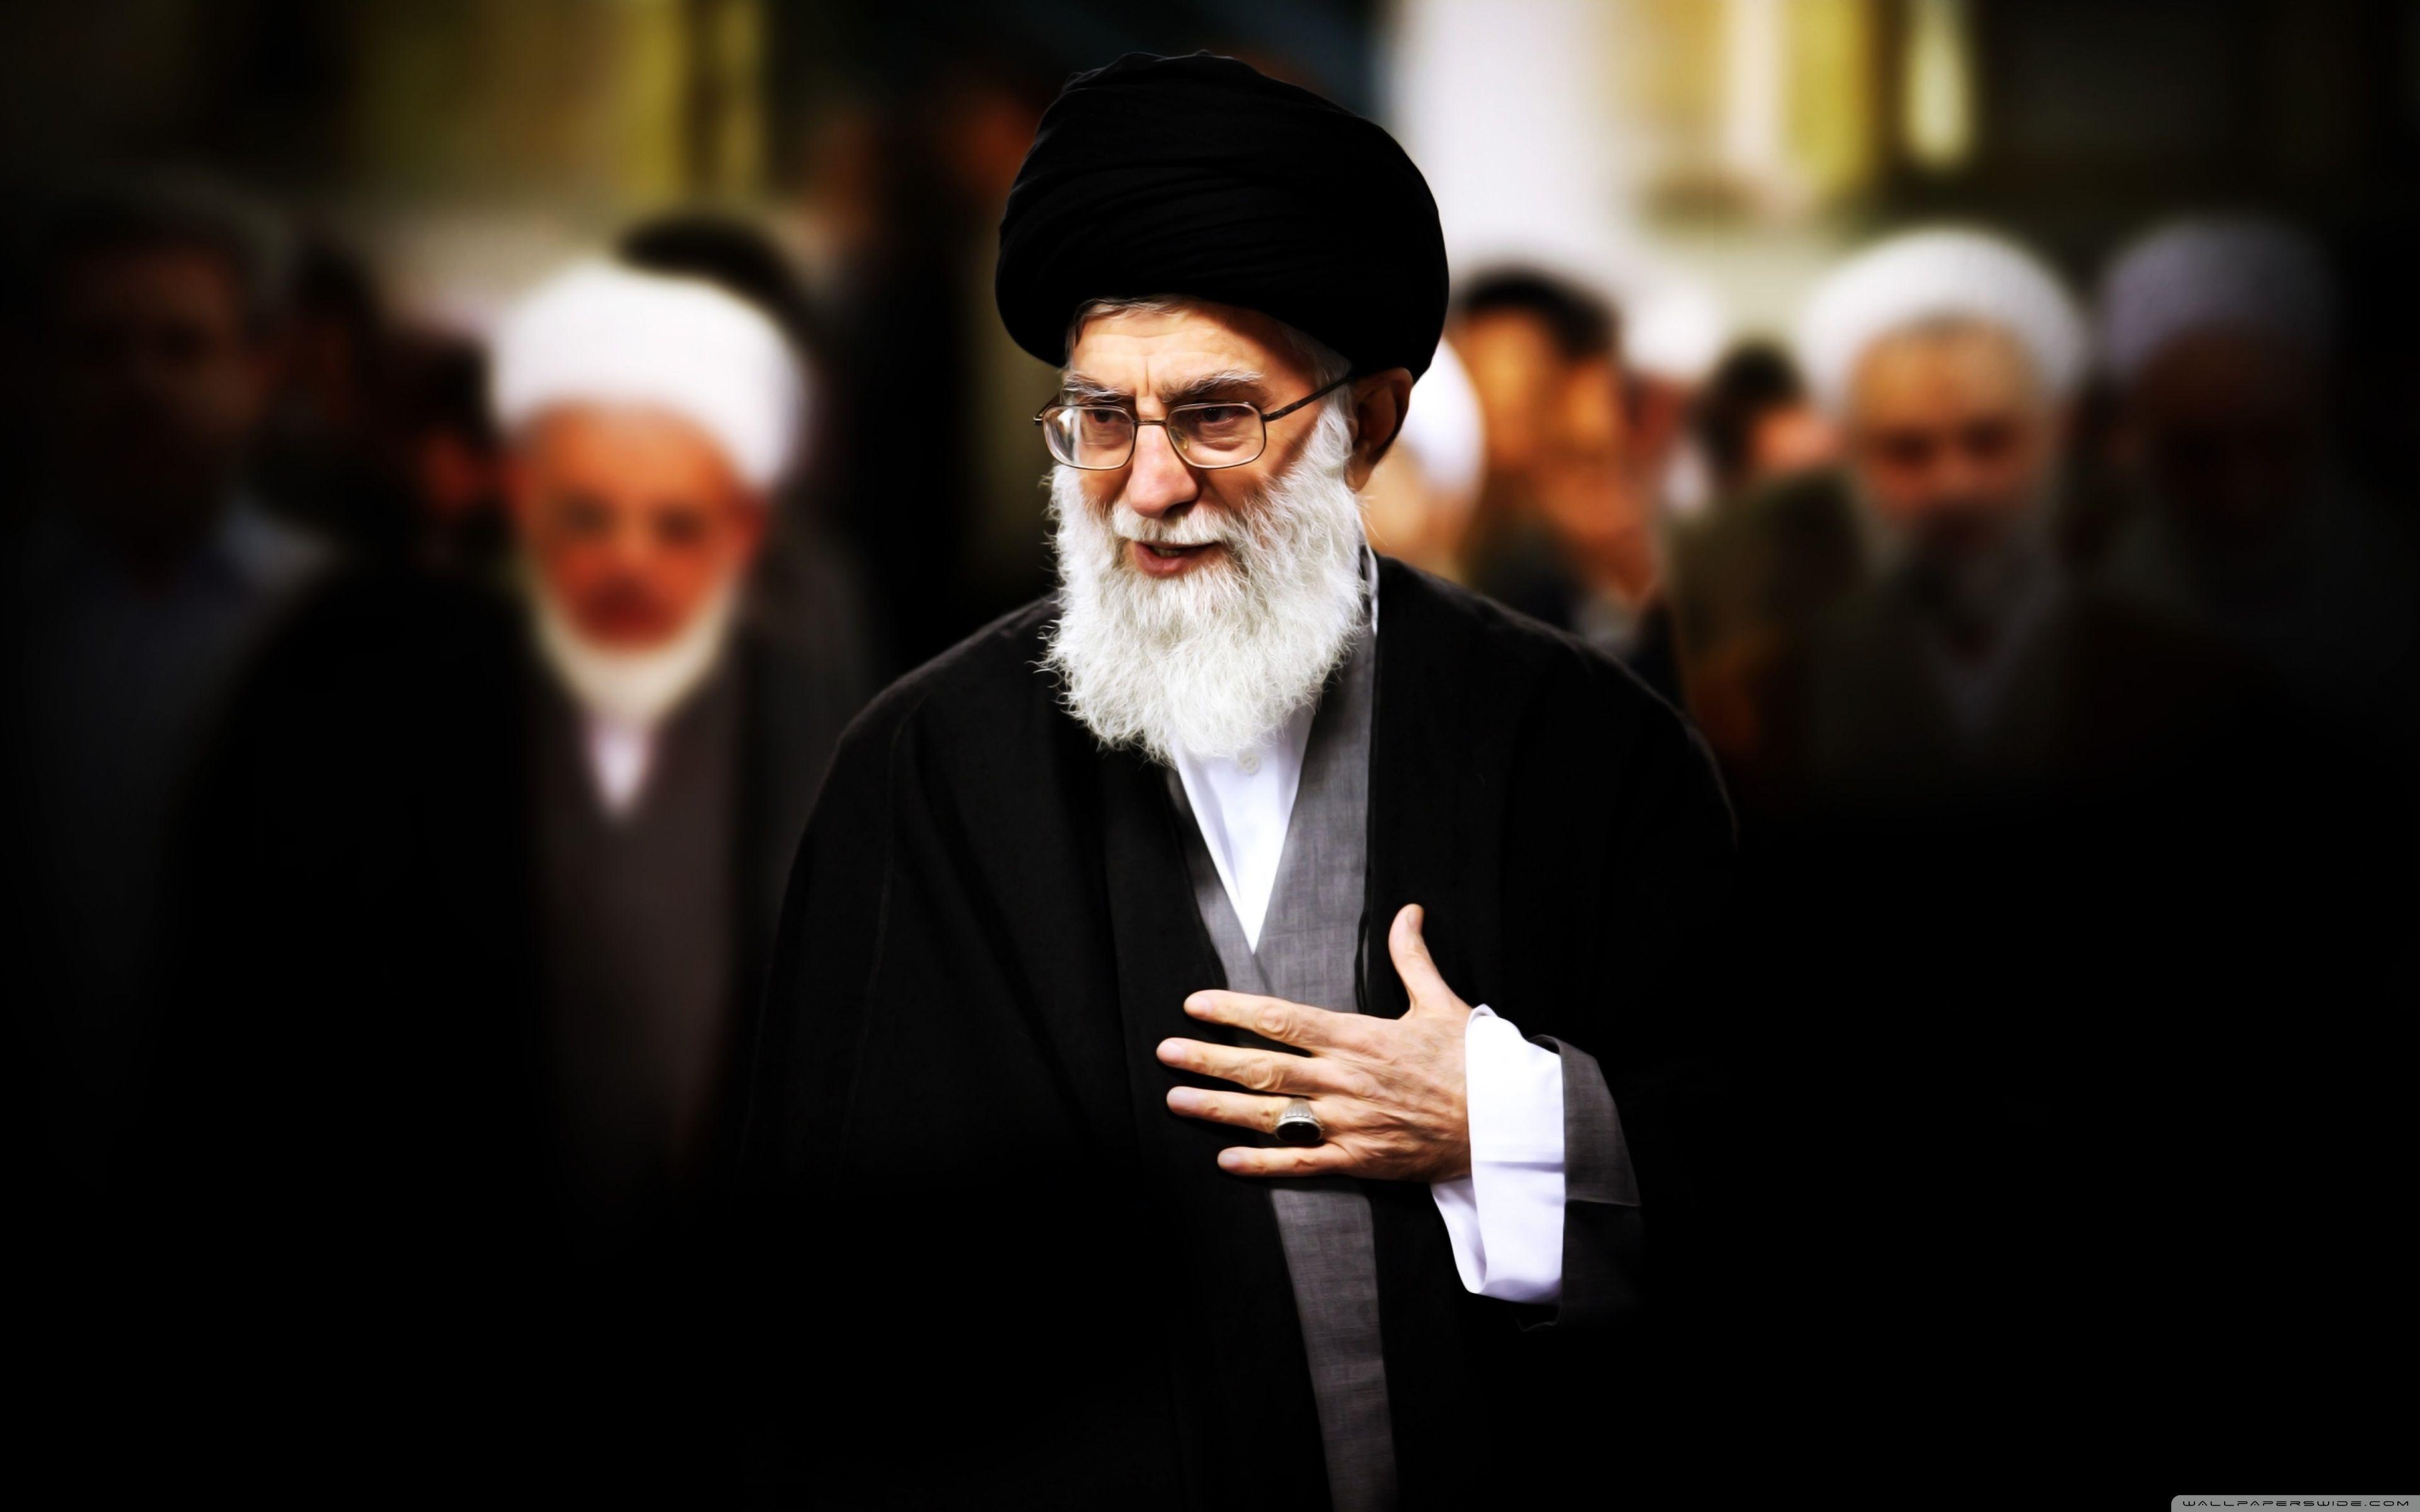 Download Seyed Ali Khamenei Hd Wallpaper 4k Ultra Hd Tvs